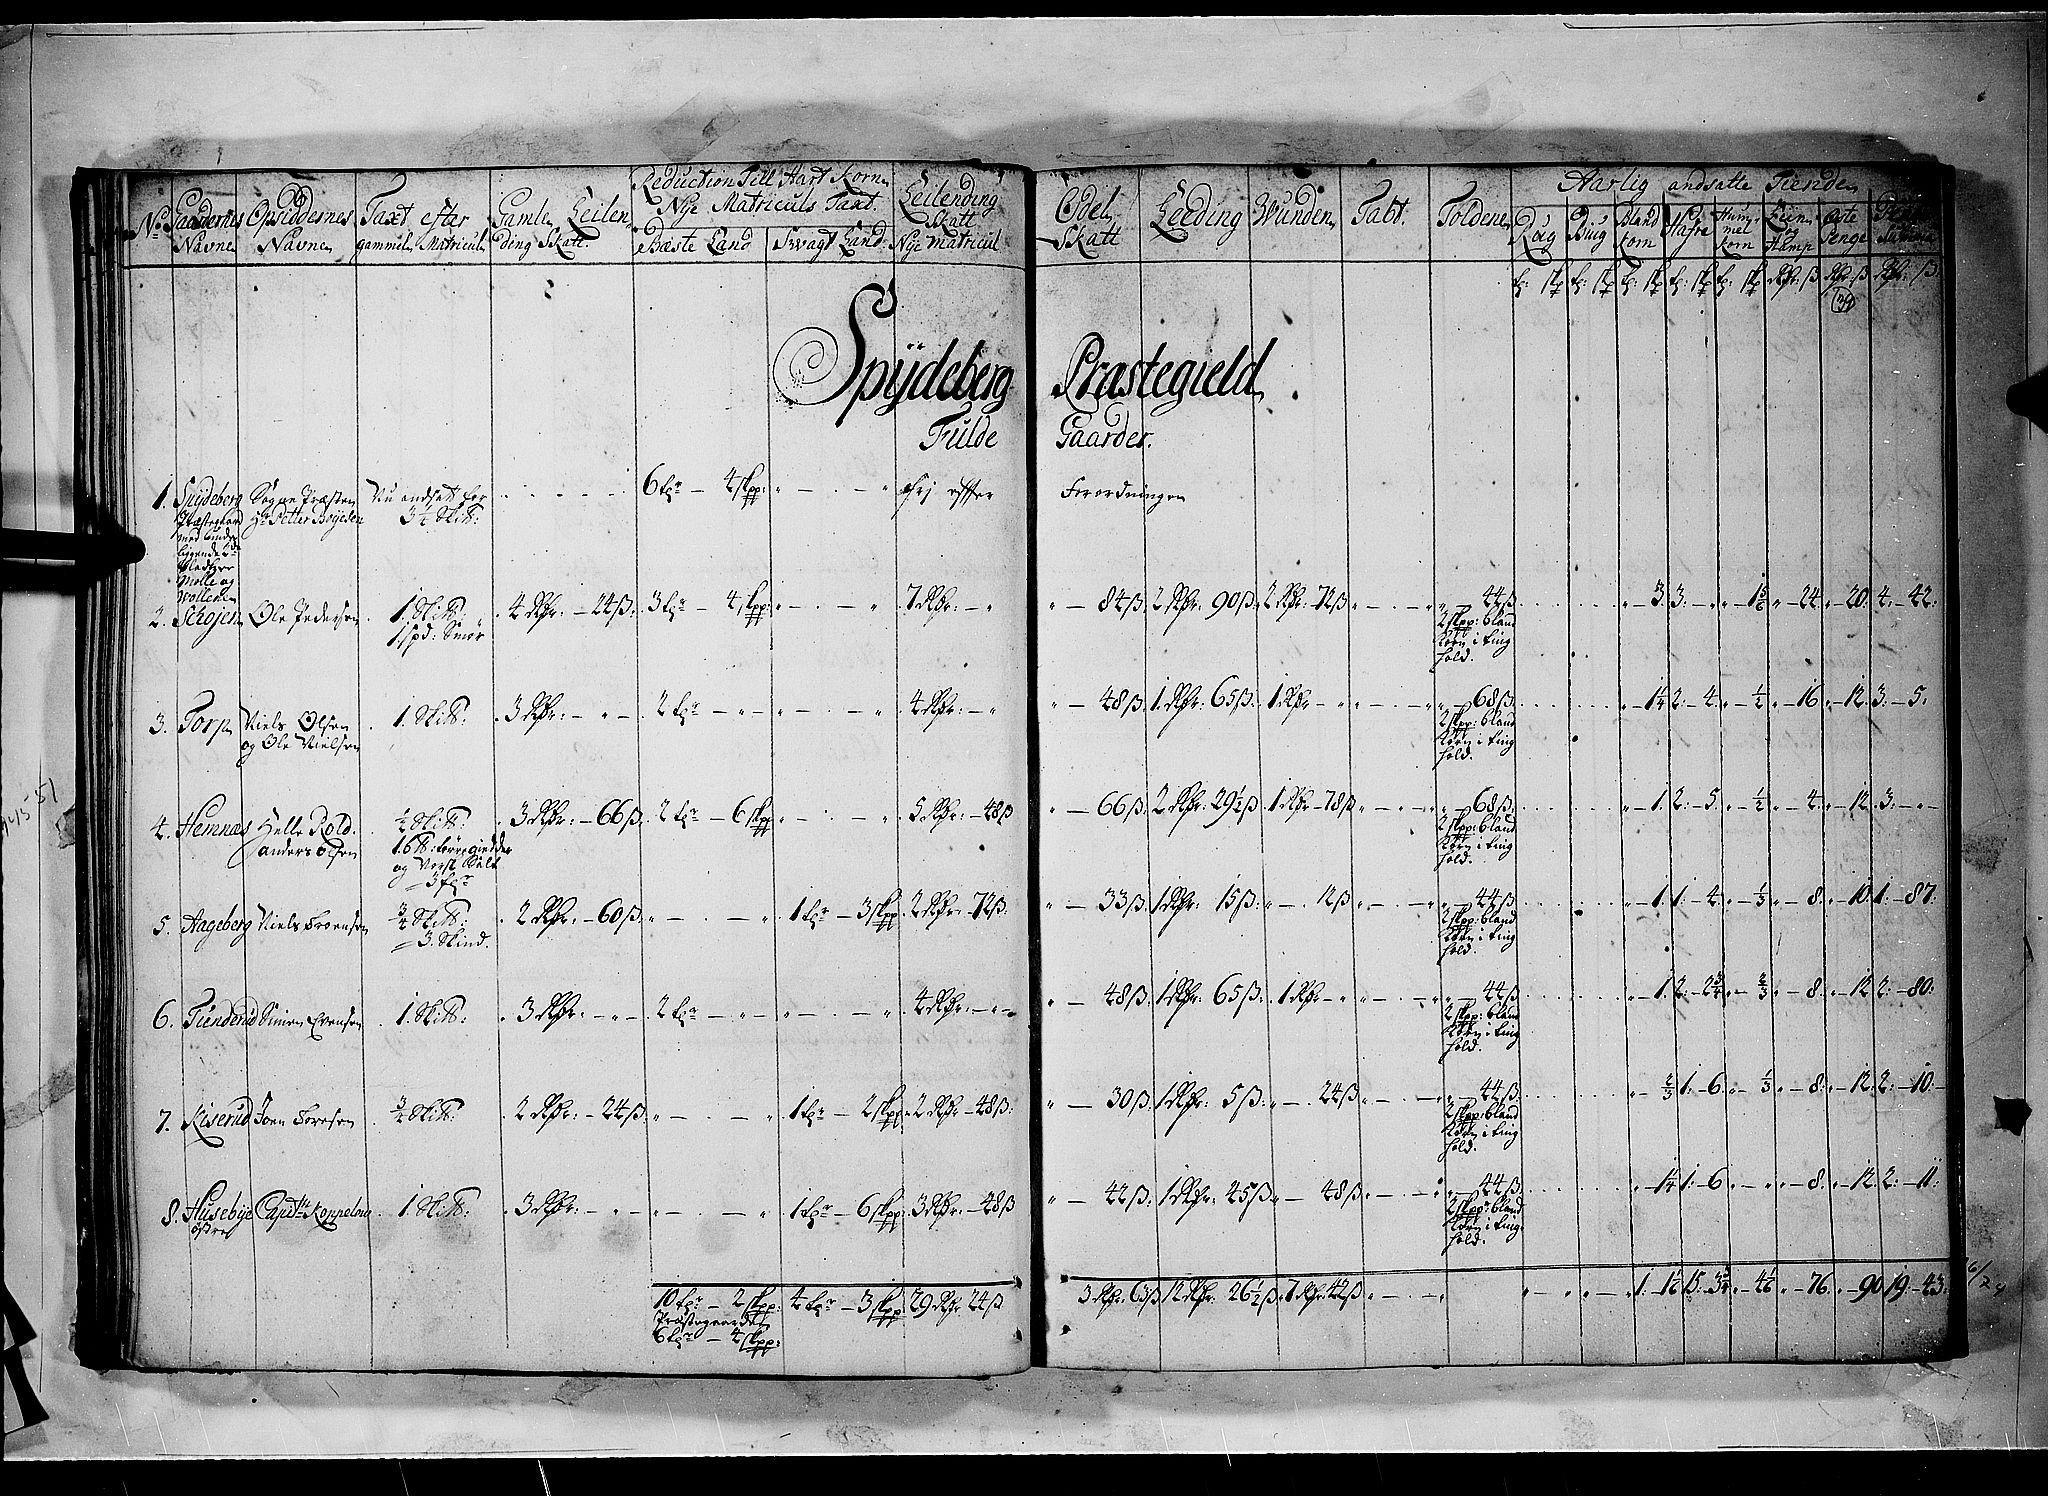 RA, Rentekammeret inntil 1814, Realistisk ordnet avdeling, N/Nb/Nbf/L0100: Rakkestad, Heggen og Frøland matrikkelprotokoll, 1723, s. 38b-39a